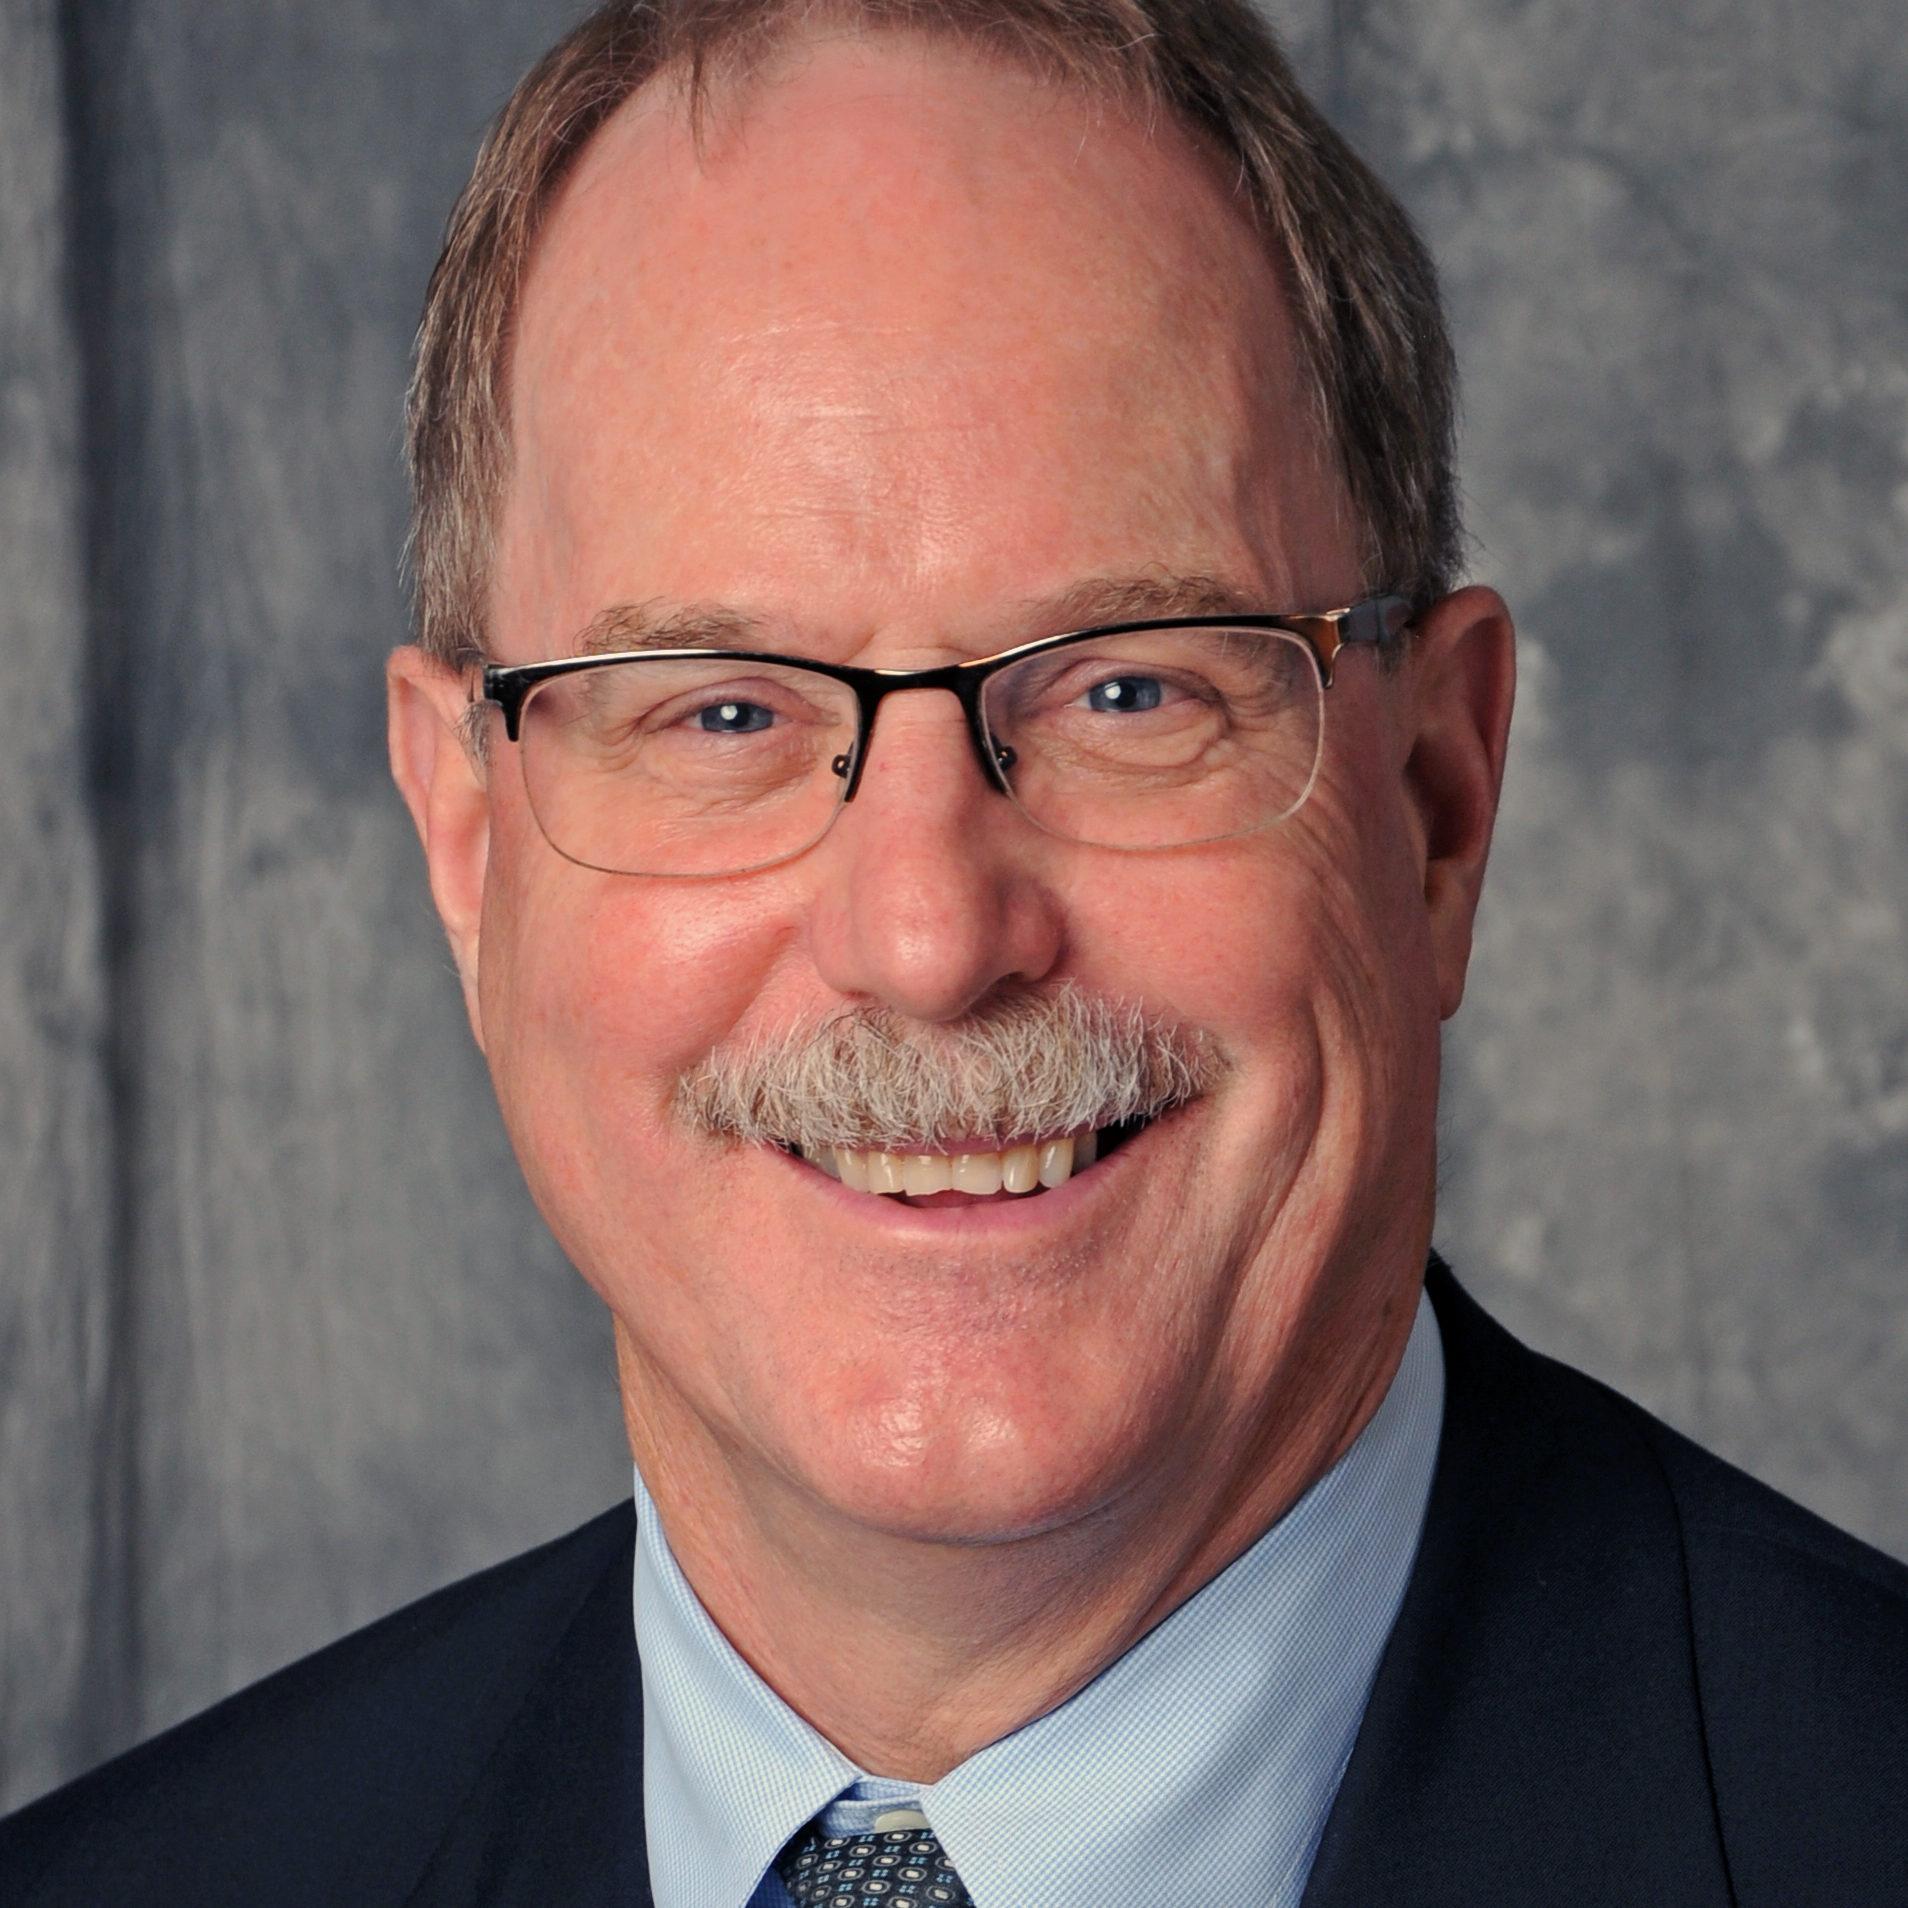 Ken Decker